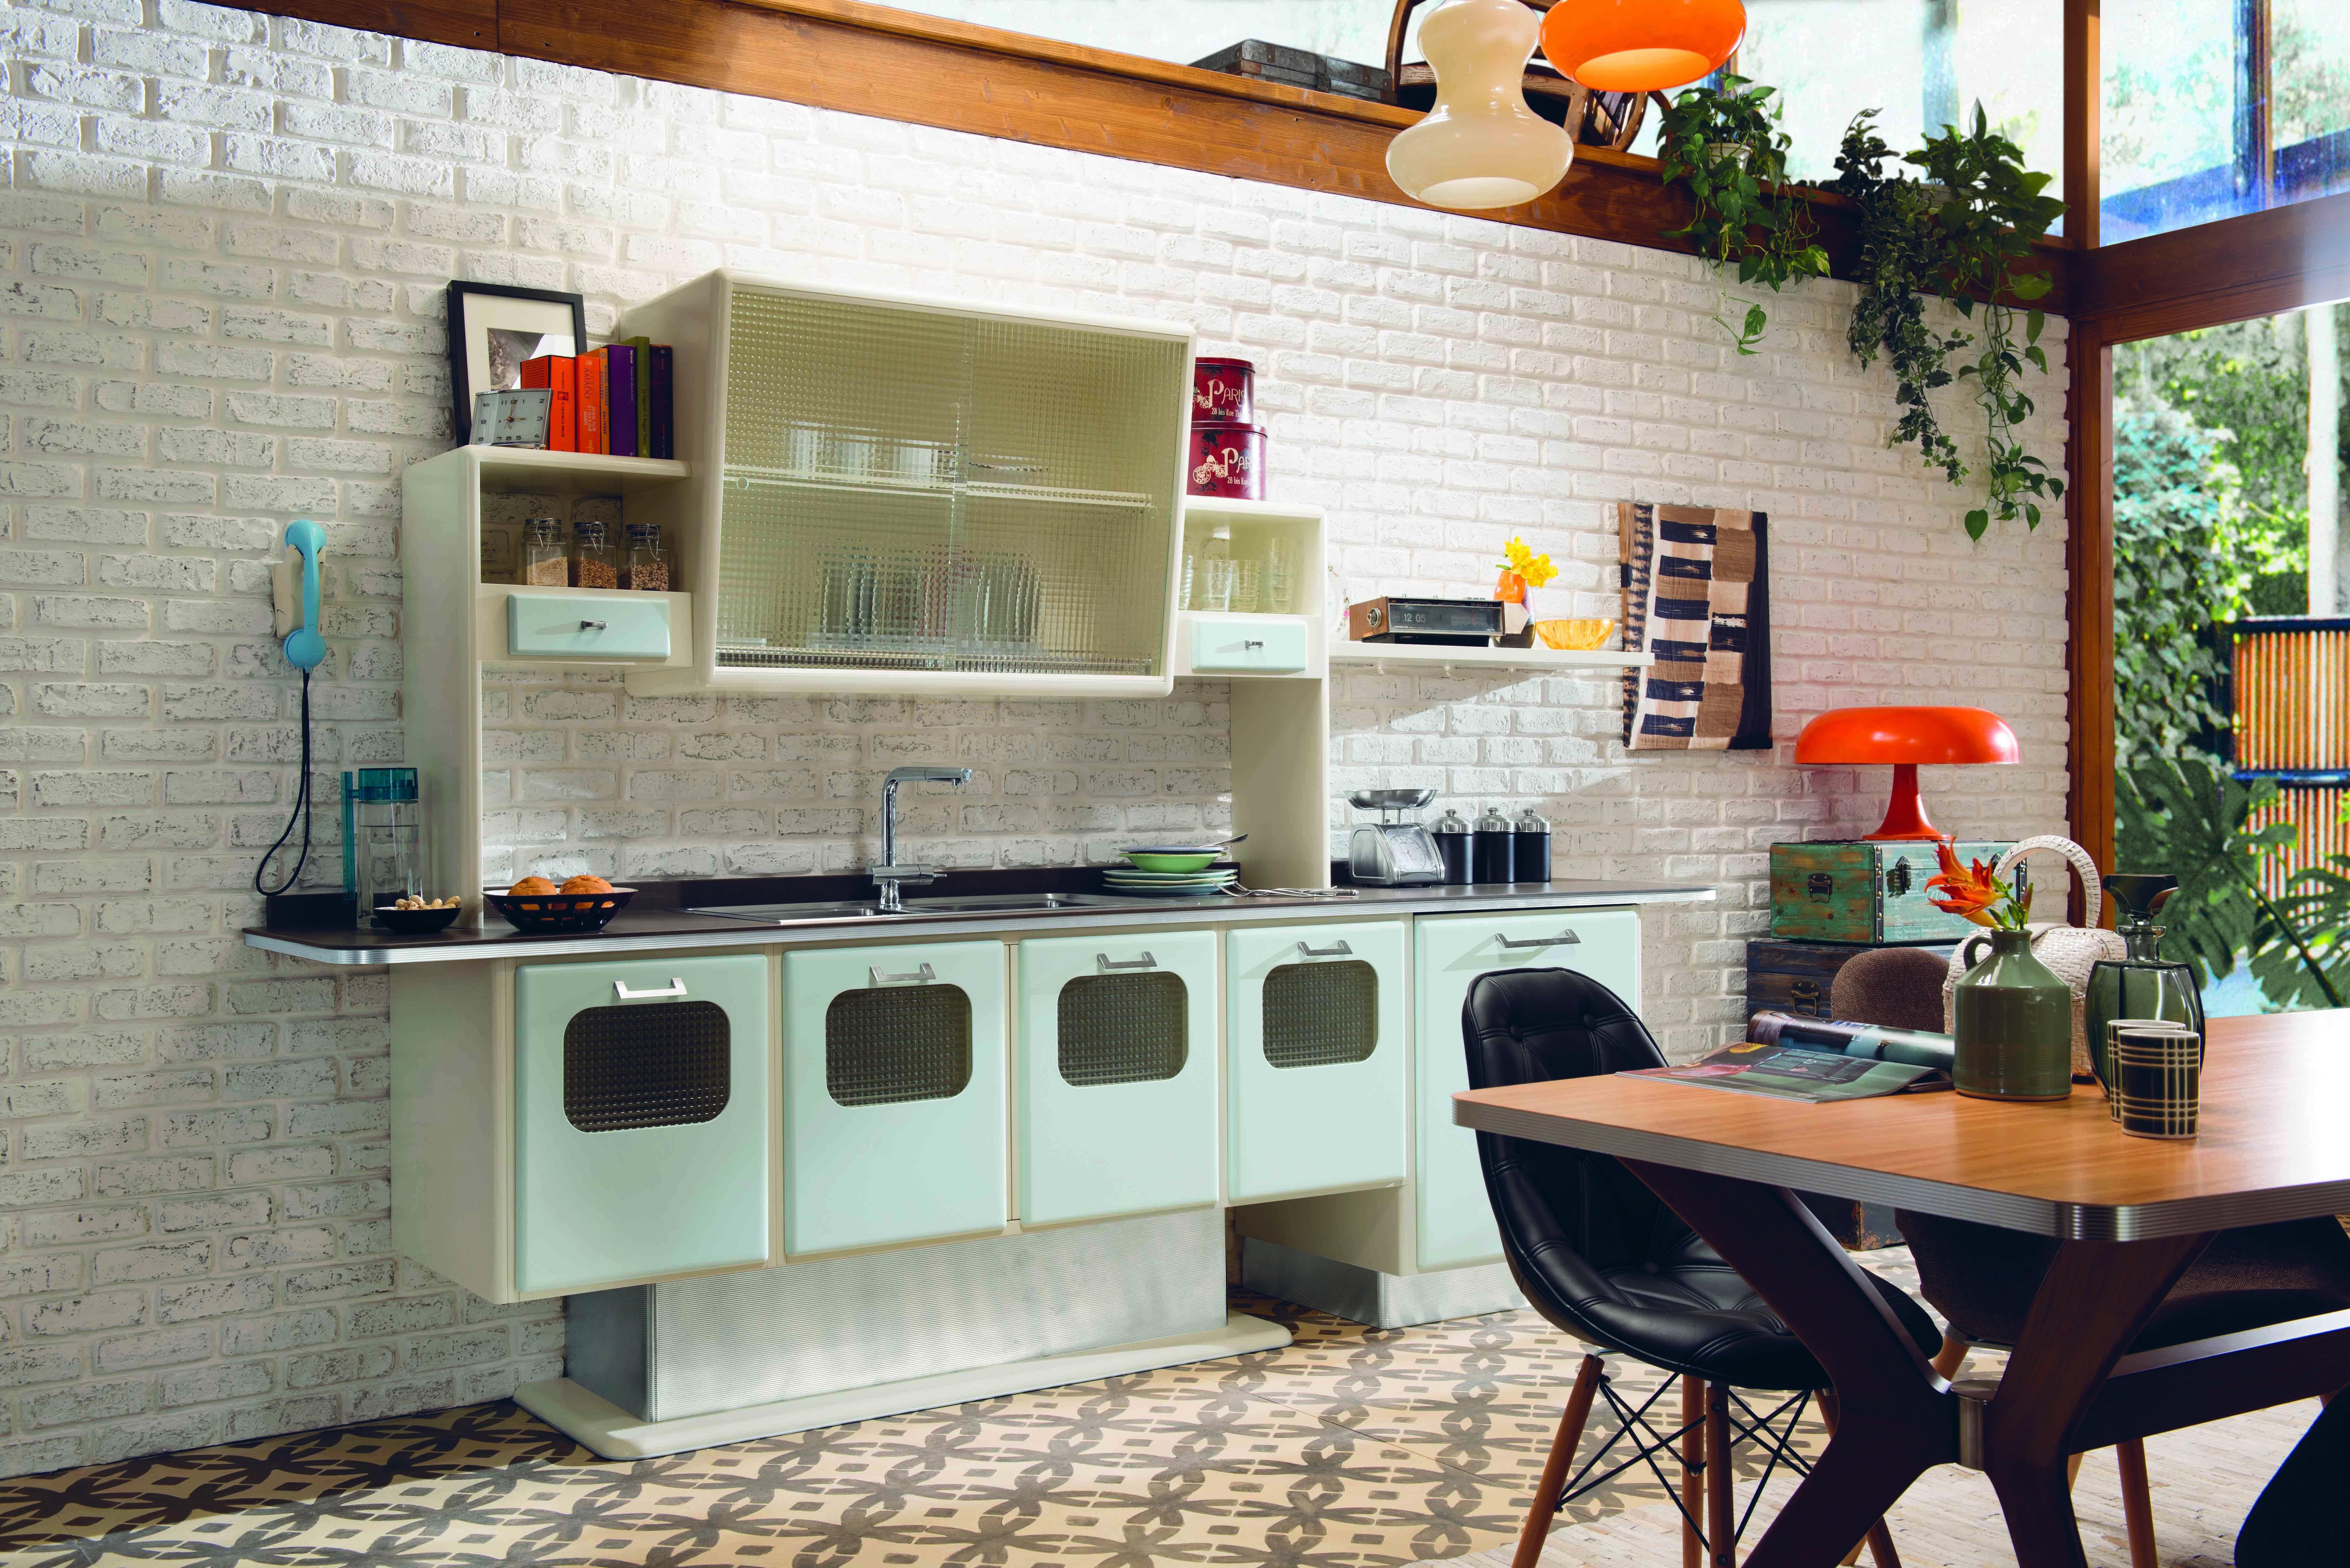 Cucine vani a vista coi pensili in vetro cose di casa - Cucine a vista ...